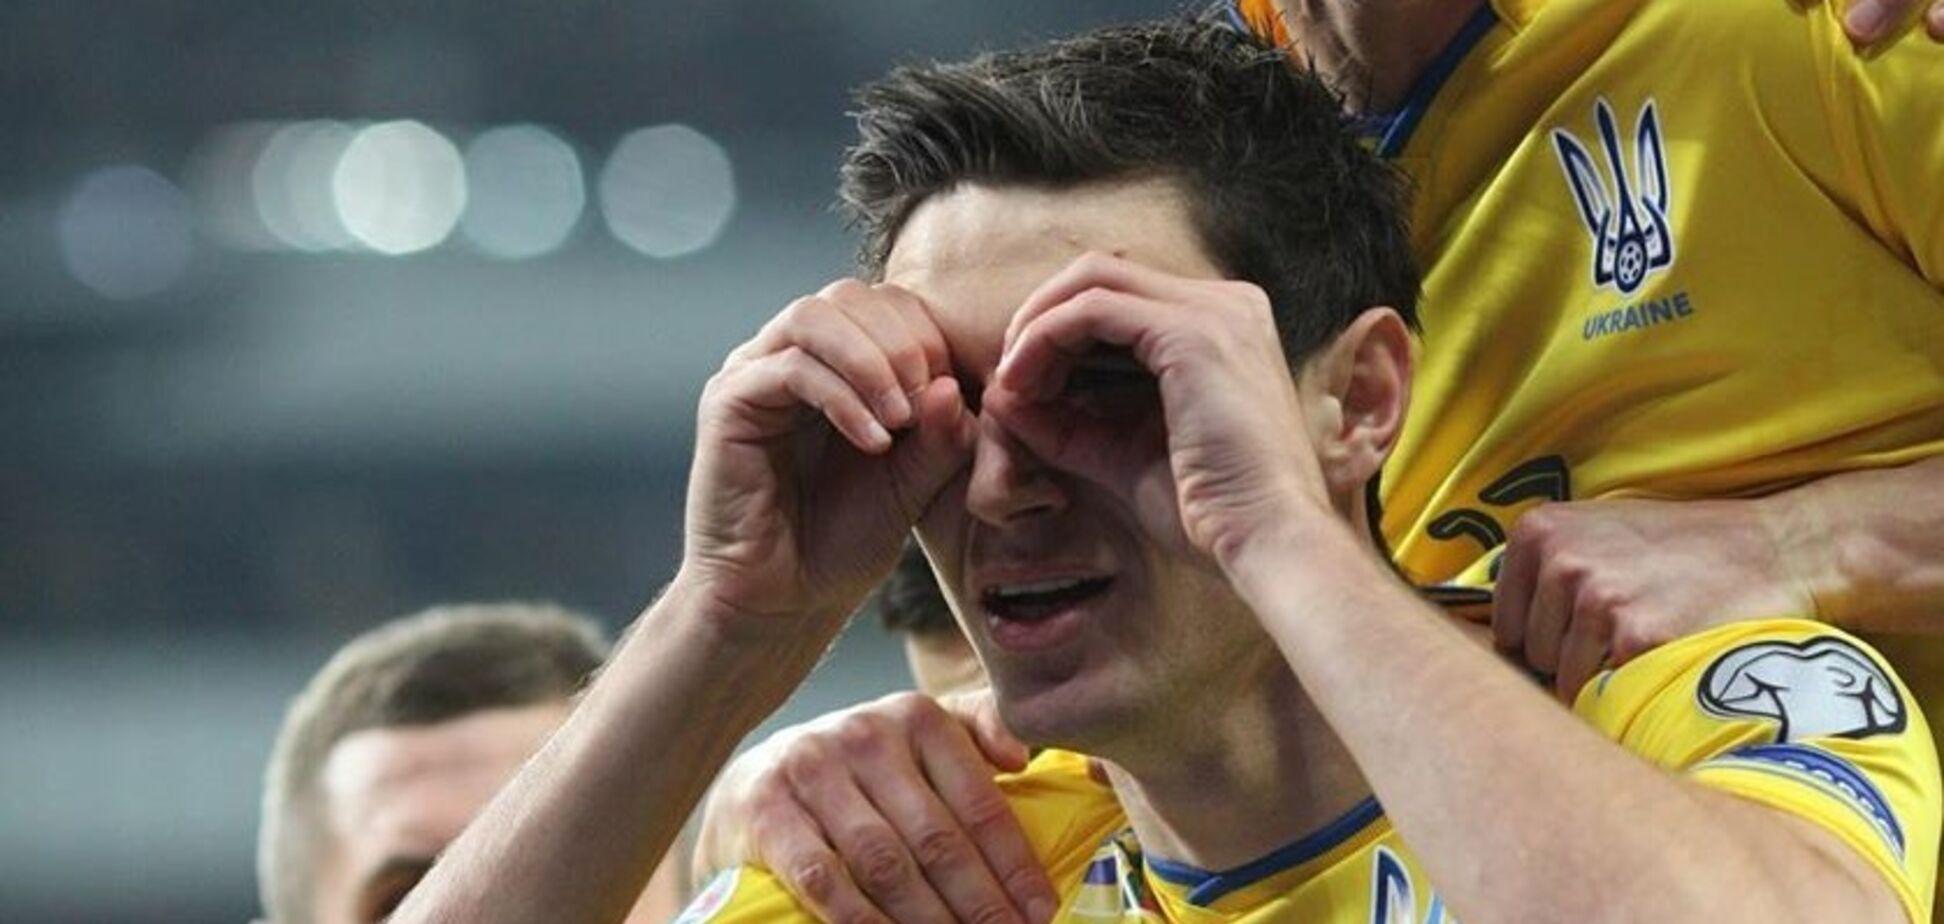 Грязь из России: форвард сборной Украины прокомментировал скандальное высказывание